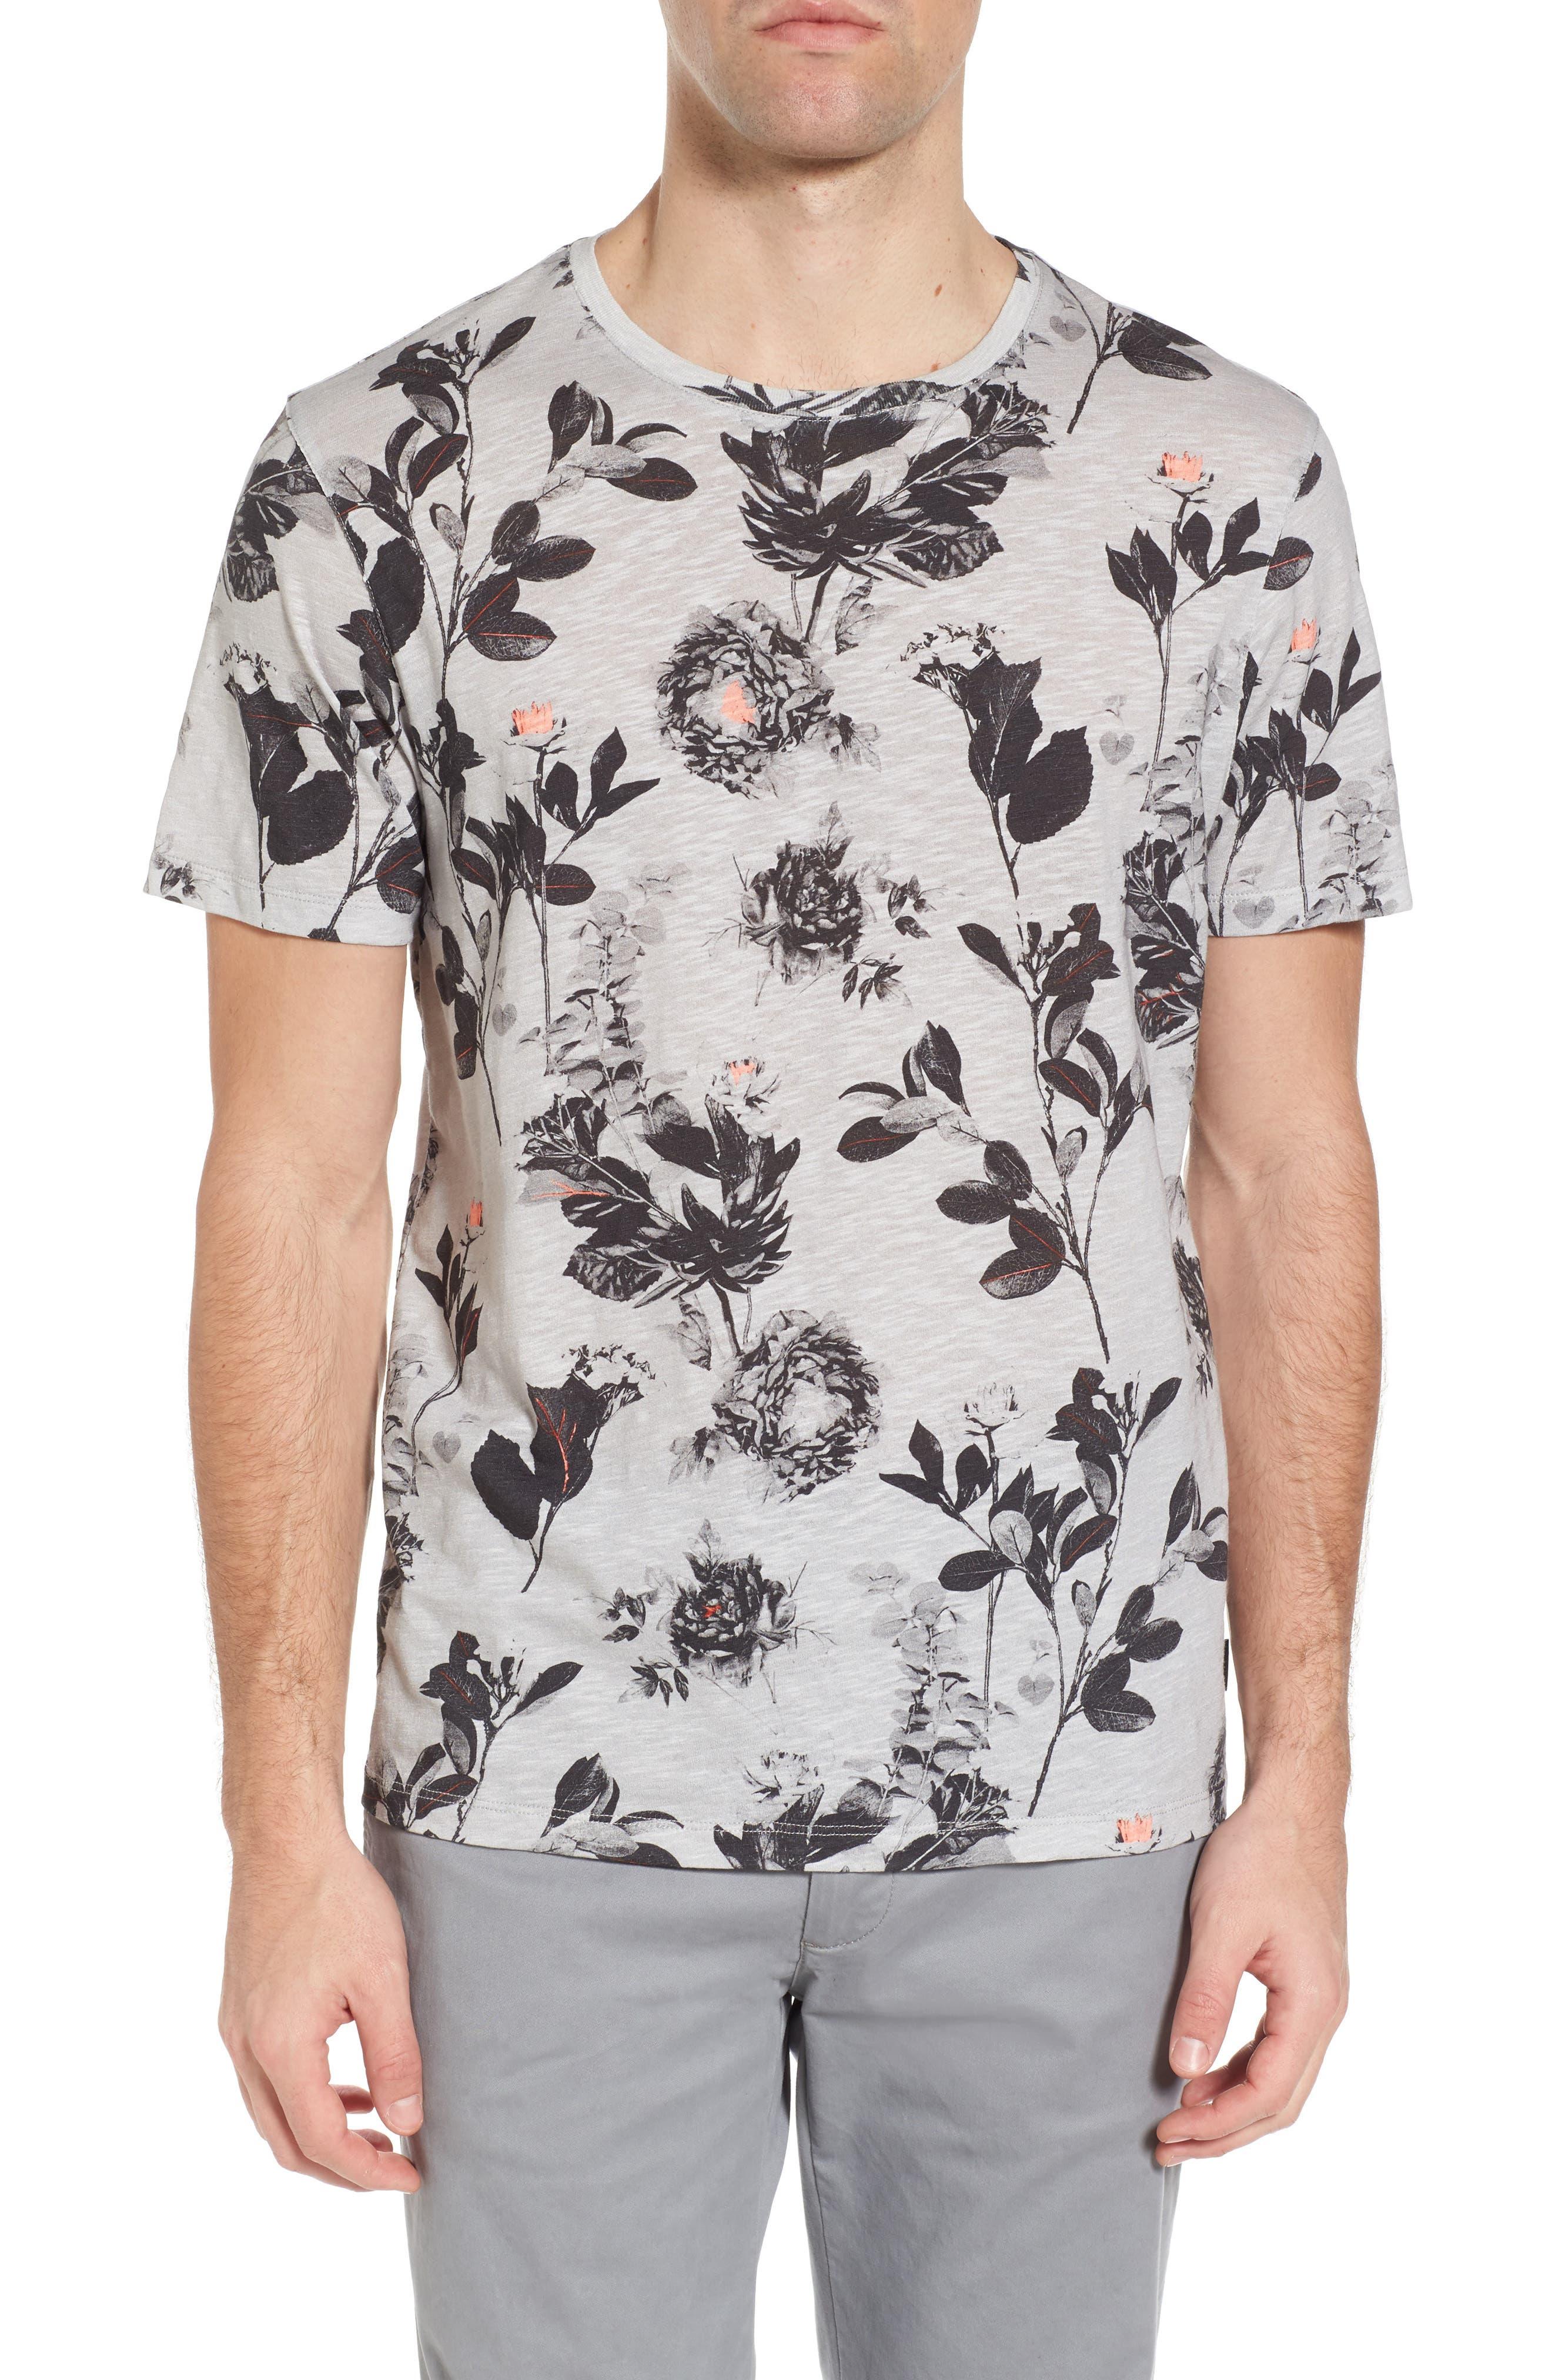 Doberma Trim Fit Floral Print T-Shirt,                         Main,                         color, Grey